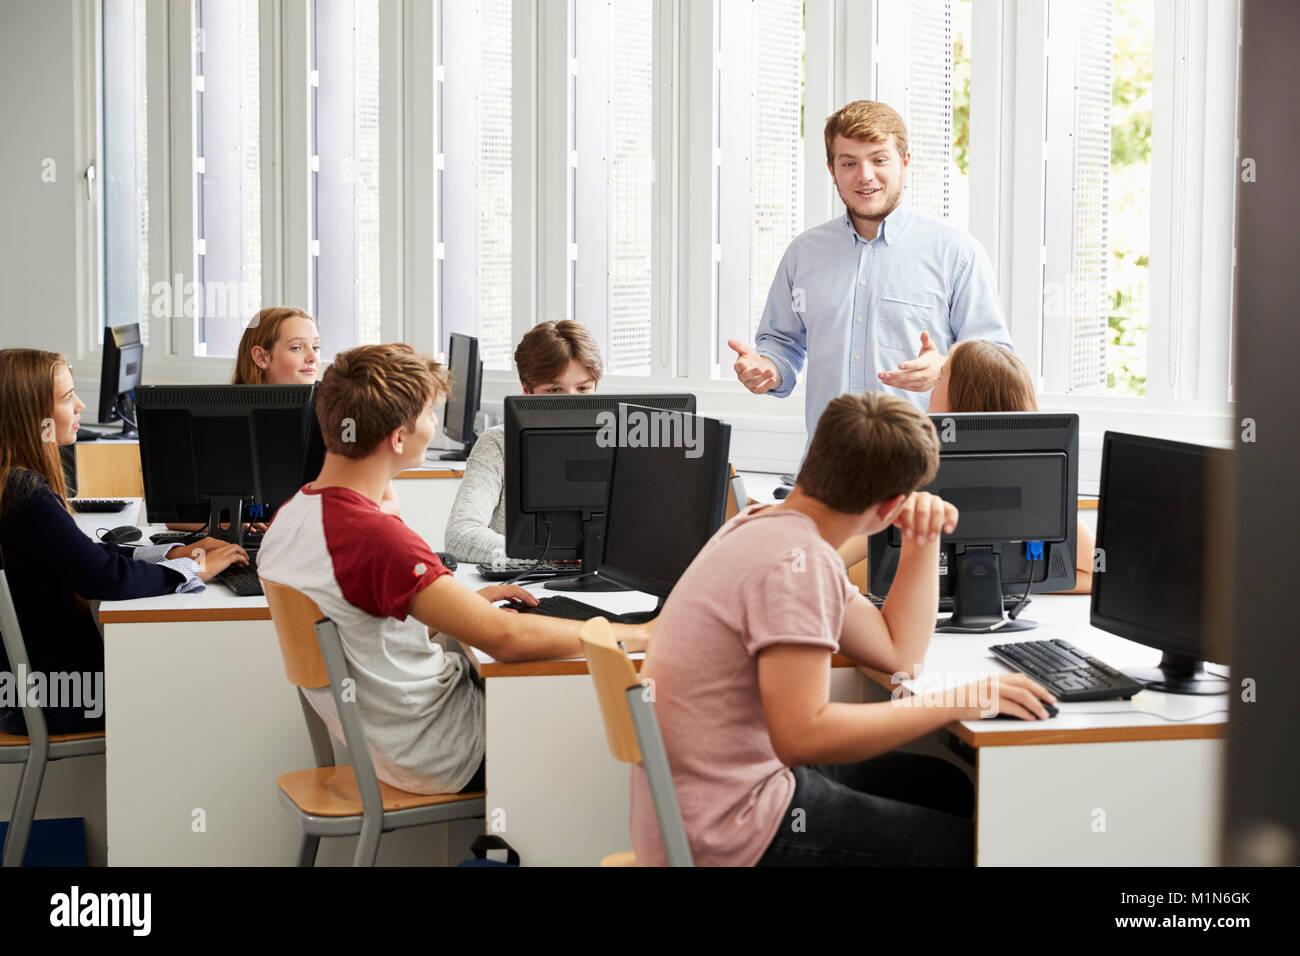 Teenage Studenten studieren In es Klasse mit Lehrer Stockbild